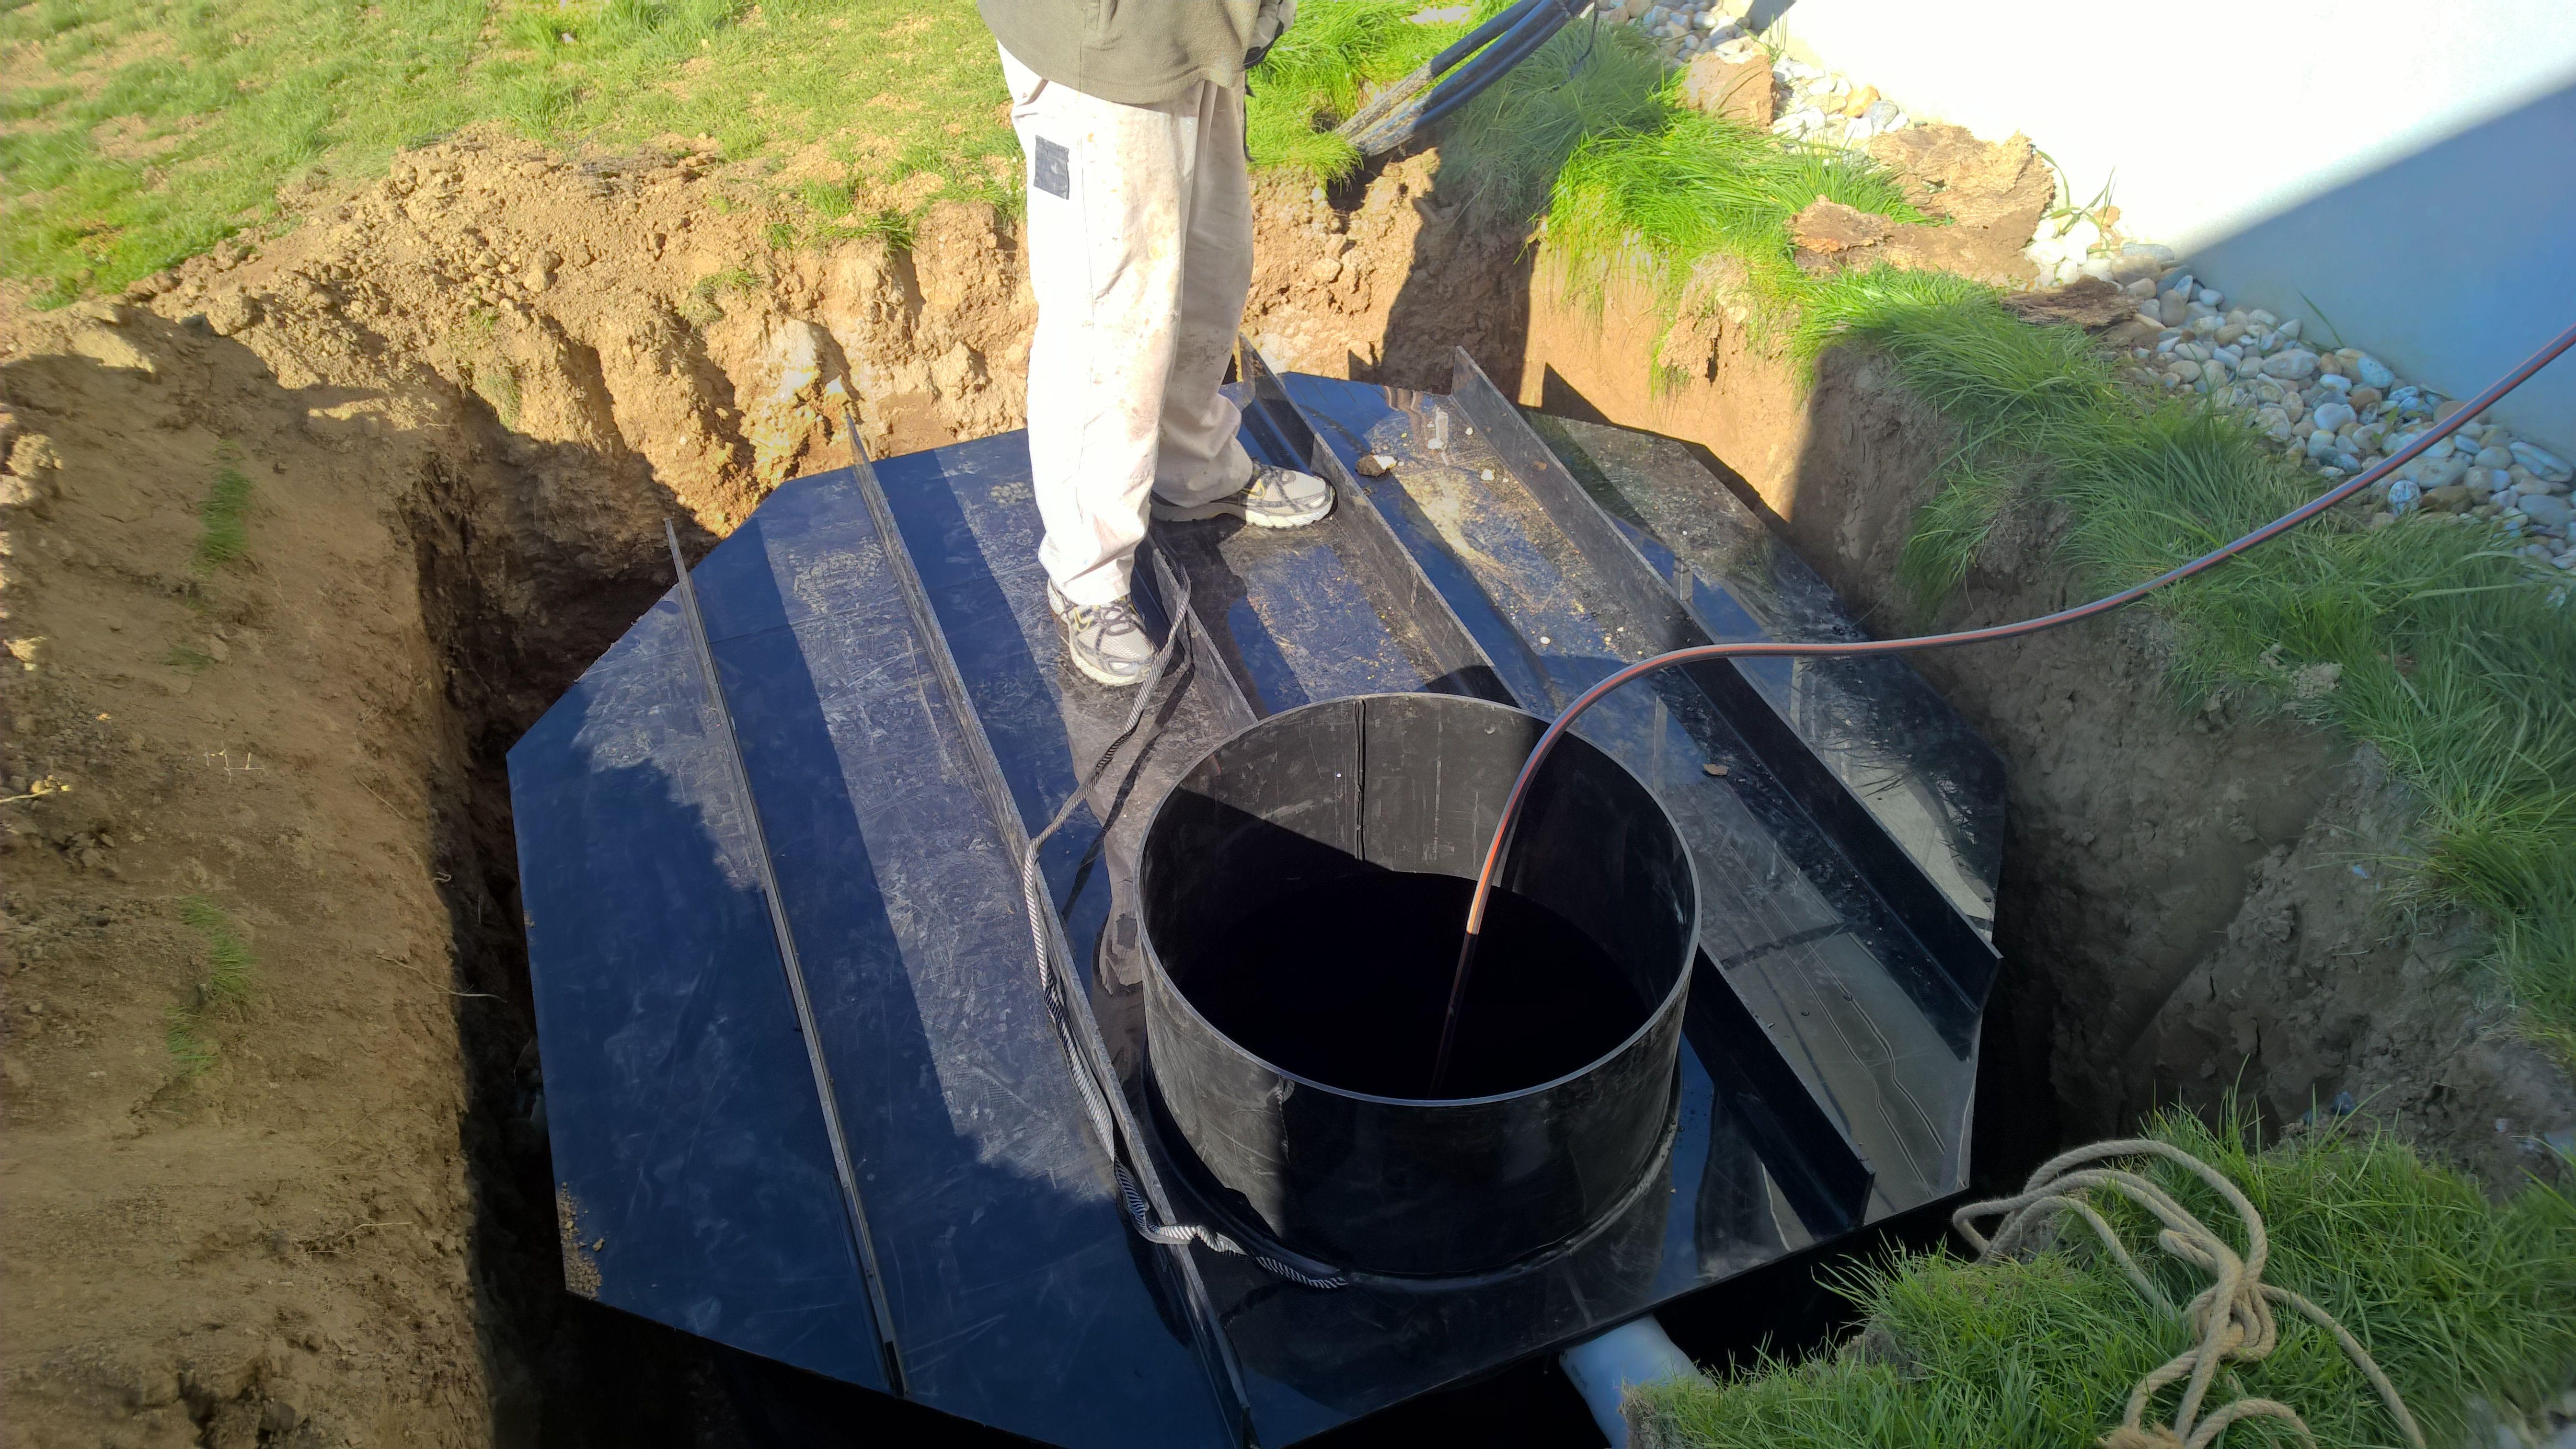 Osádzanie šachty na vodu. Ideálny spôsob ako využiť nazbieranú dažďovú vodu na zavlažovanie.